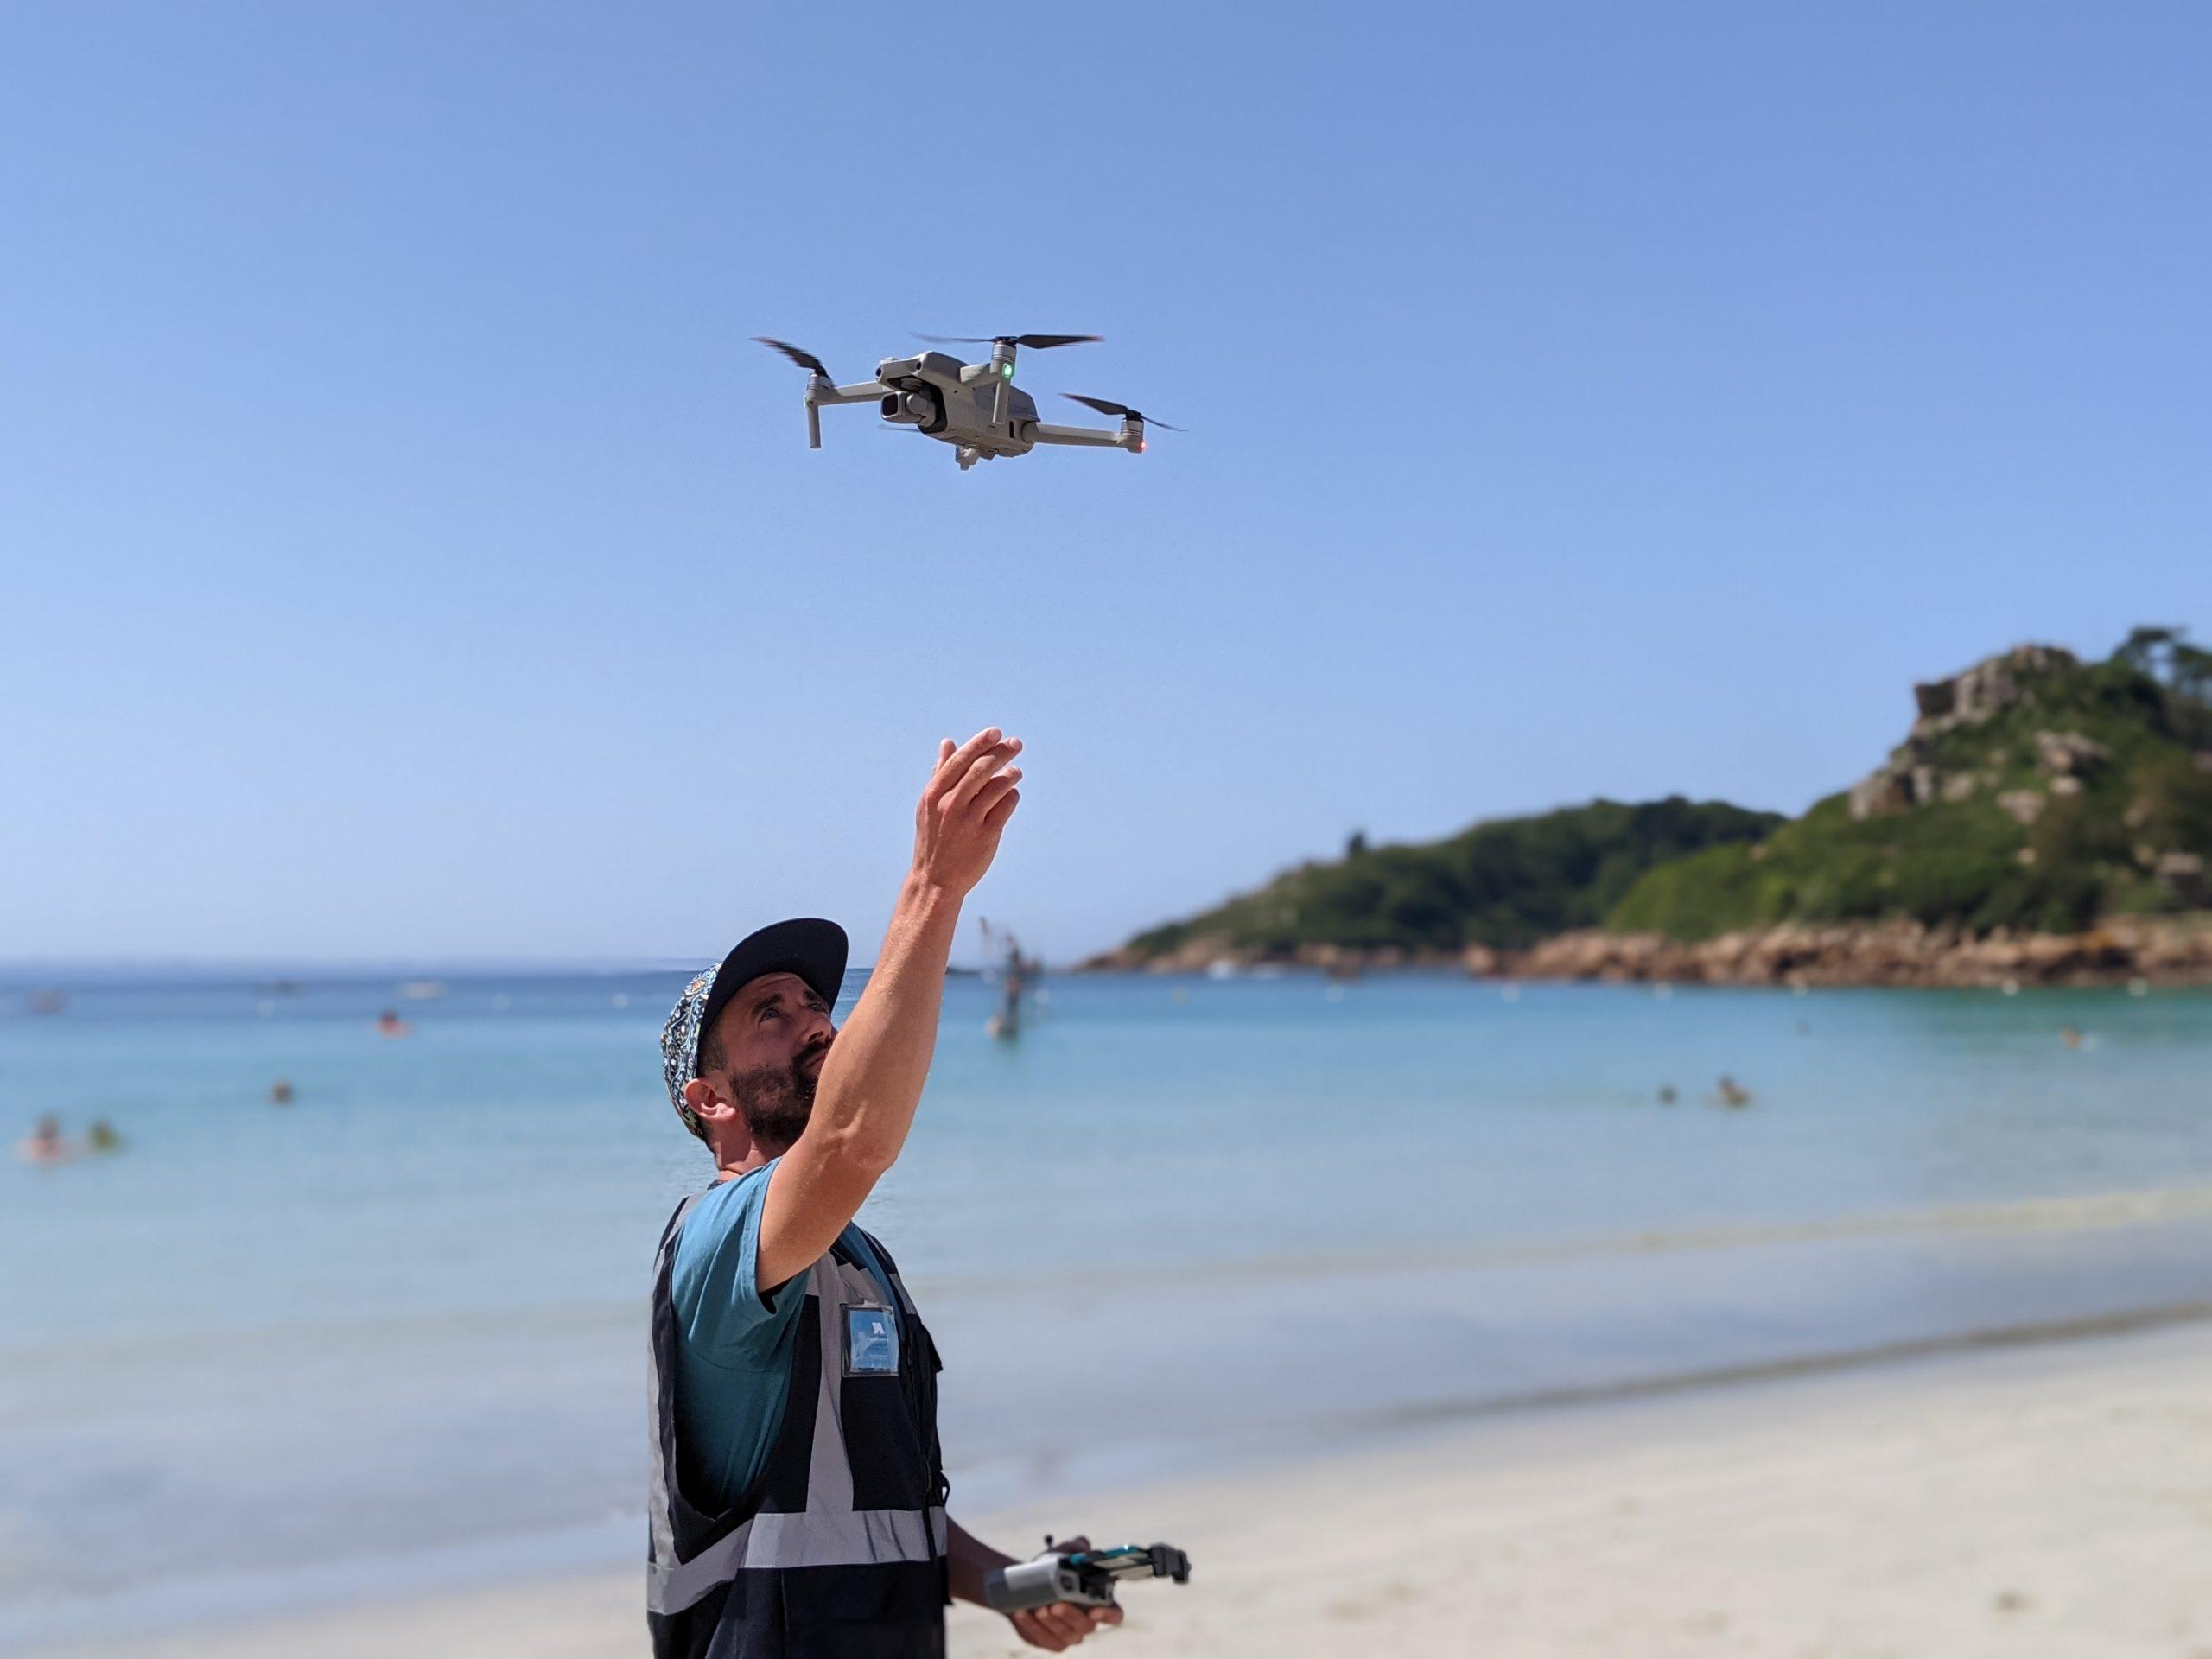 Télépilote de drone professionnel